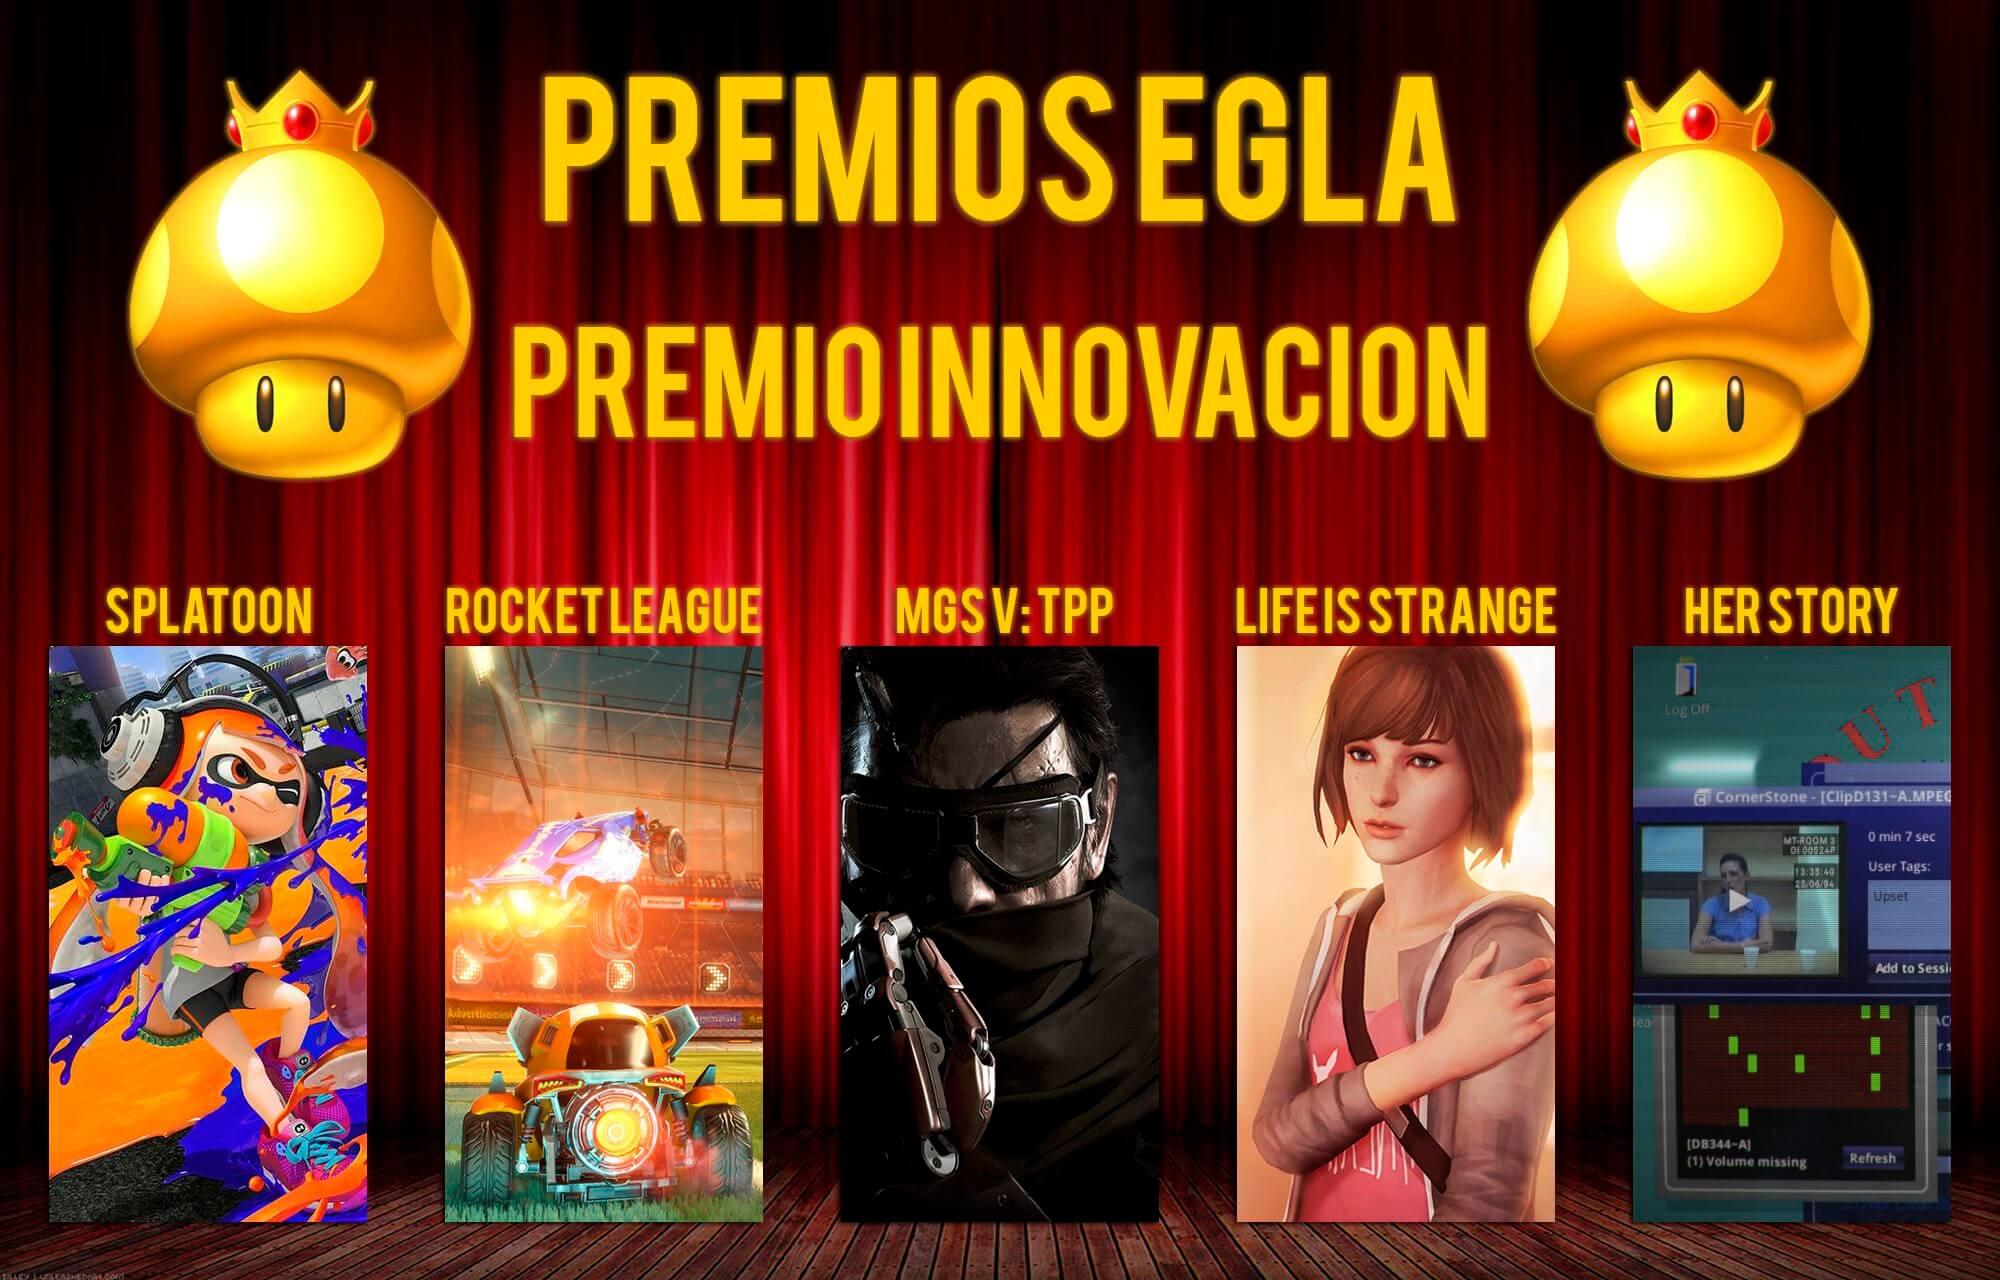 Premios EGLA 2015 Premio a la Innovacion